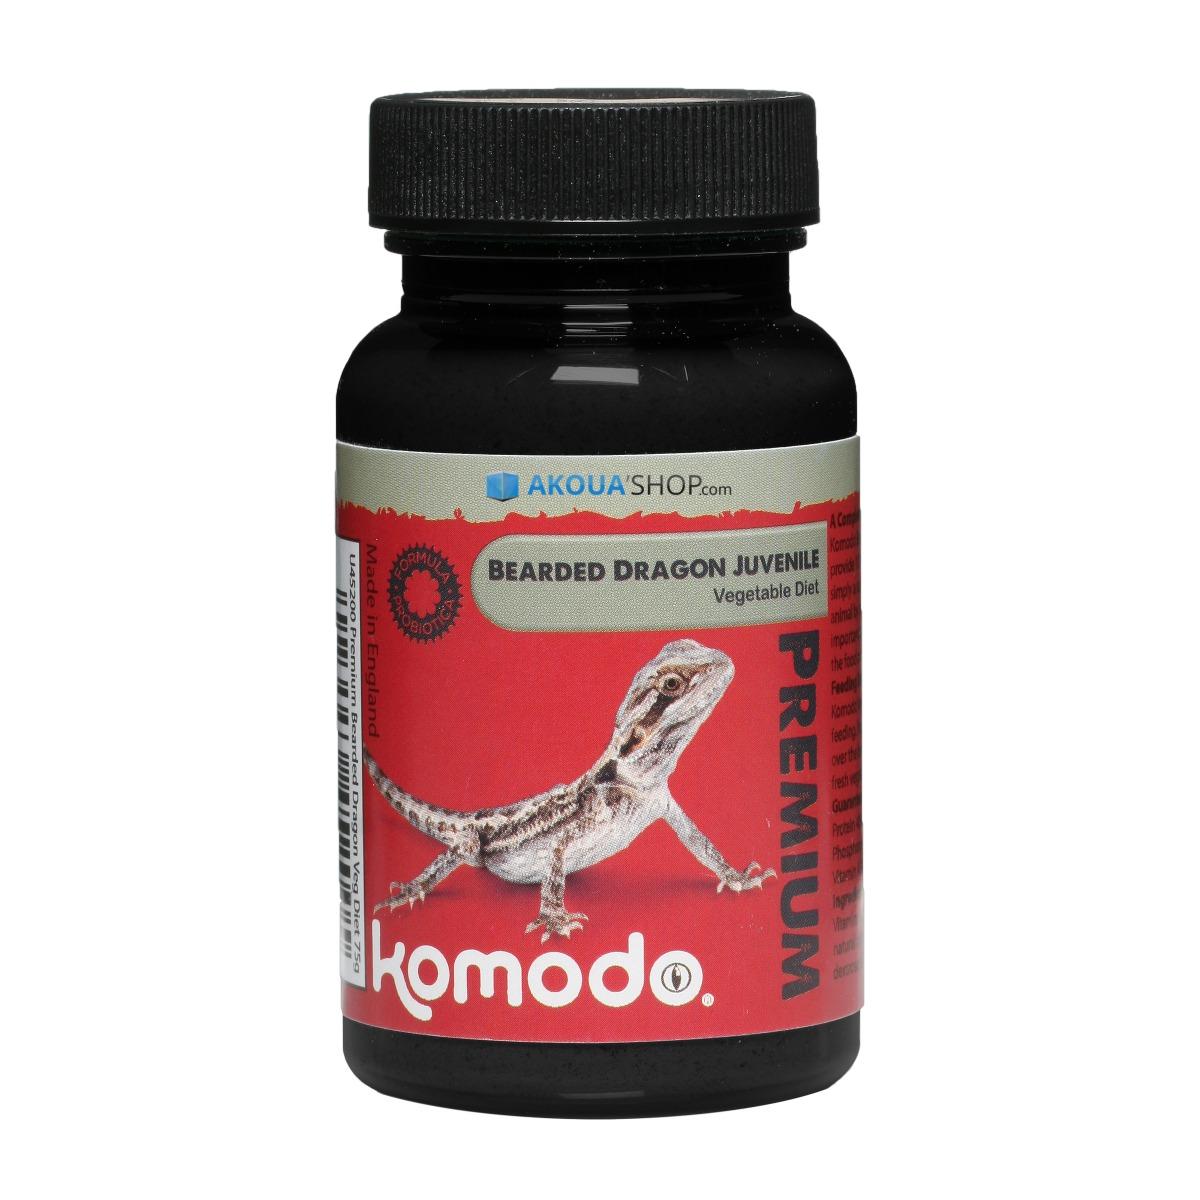 KOMODO Premium Bearded Dragon Juvenile Vegetable 75 gr. complément alimentaire pour Dragons barbus adulte à saupoudrer sur la nourriture